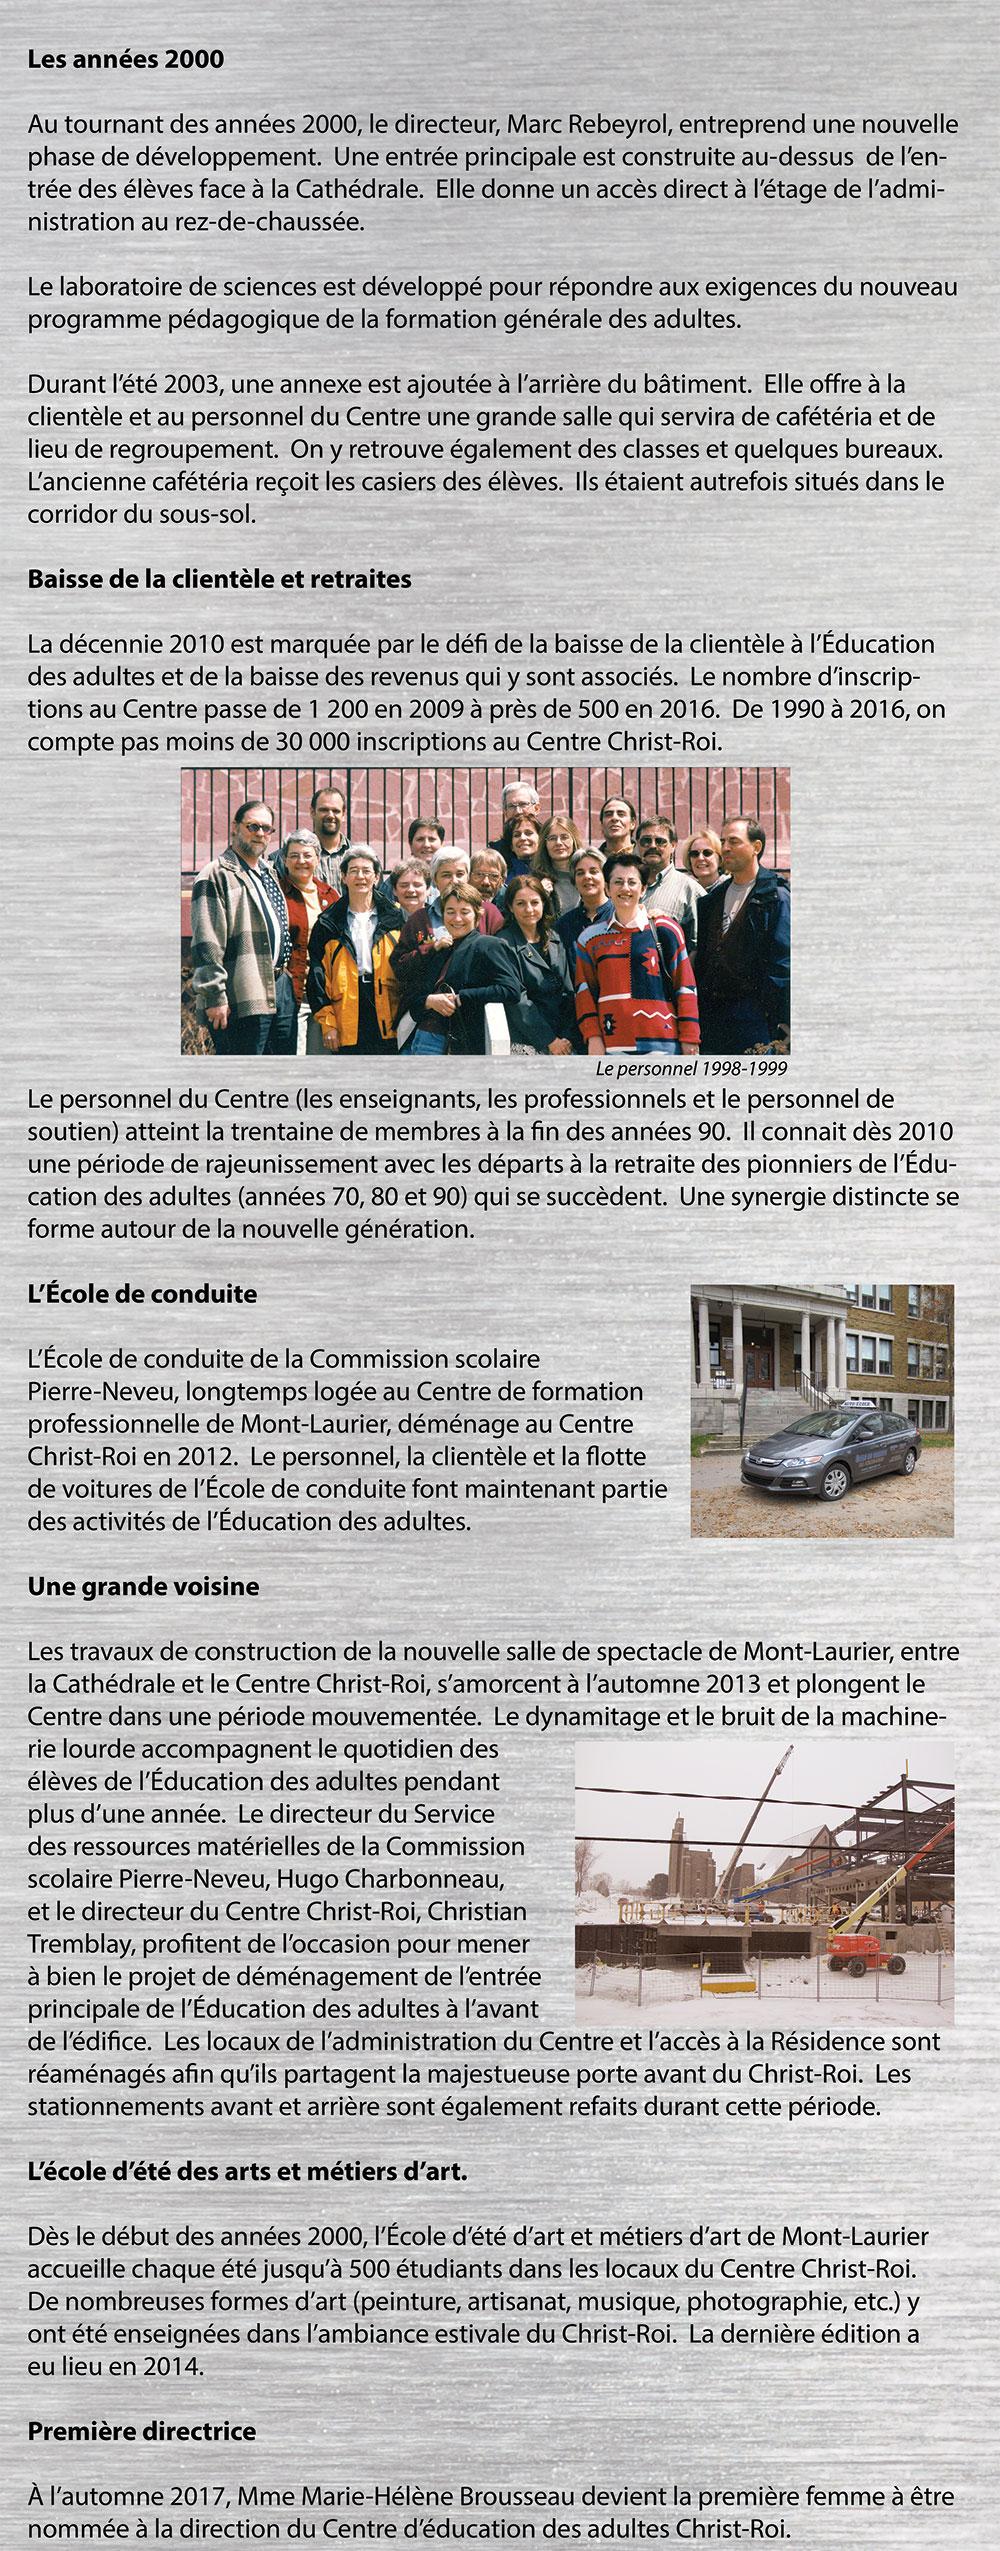 histoire-CCR-04